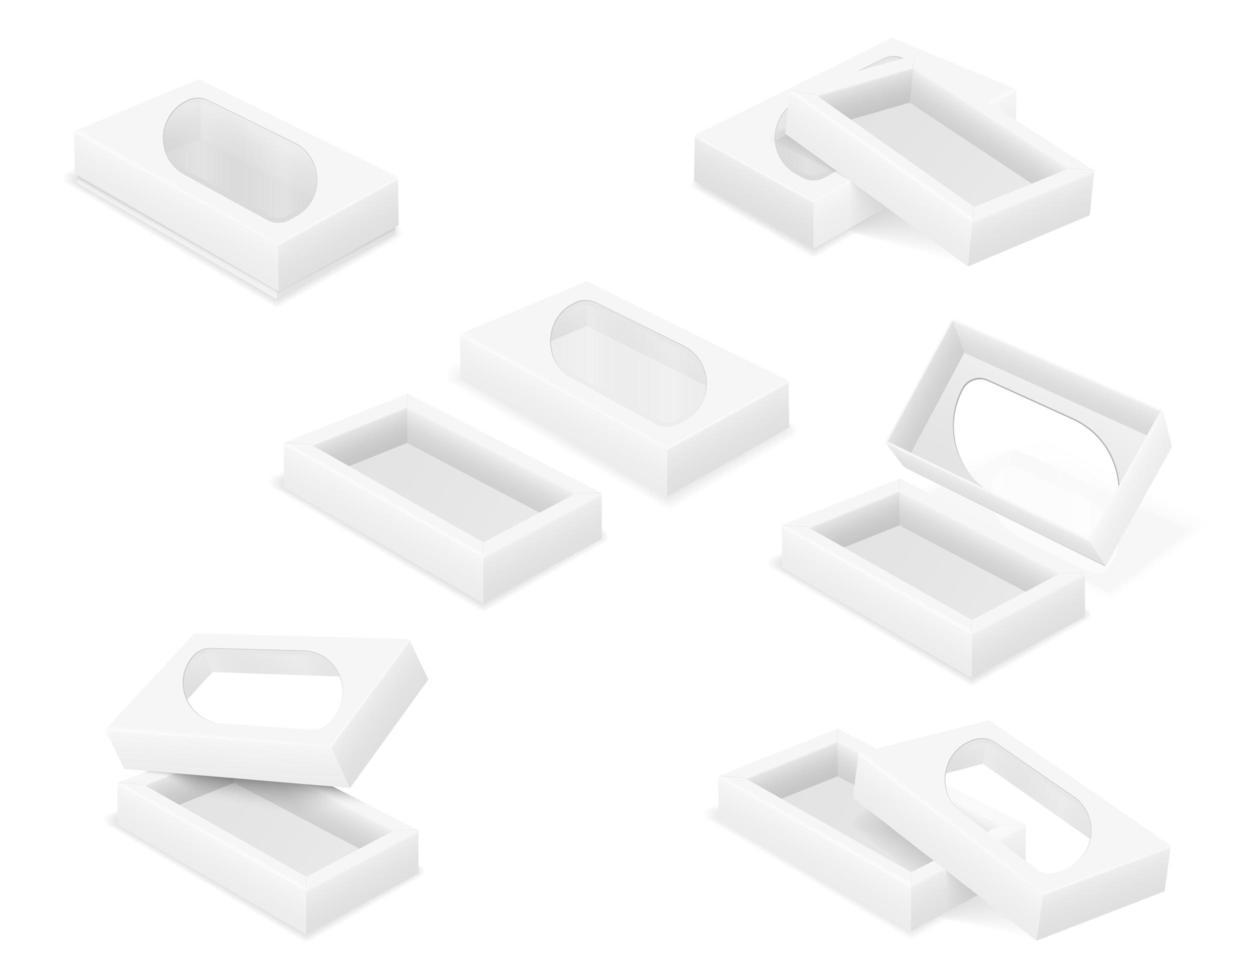 leere Pappschachtel Verpackung leere Vorlage gesetzt vektor